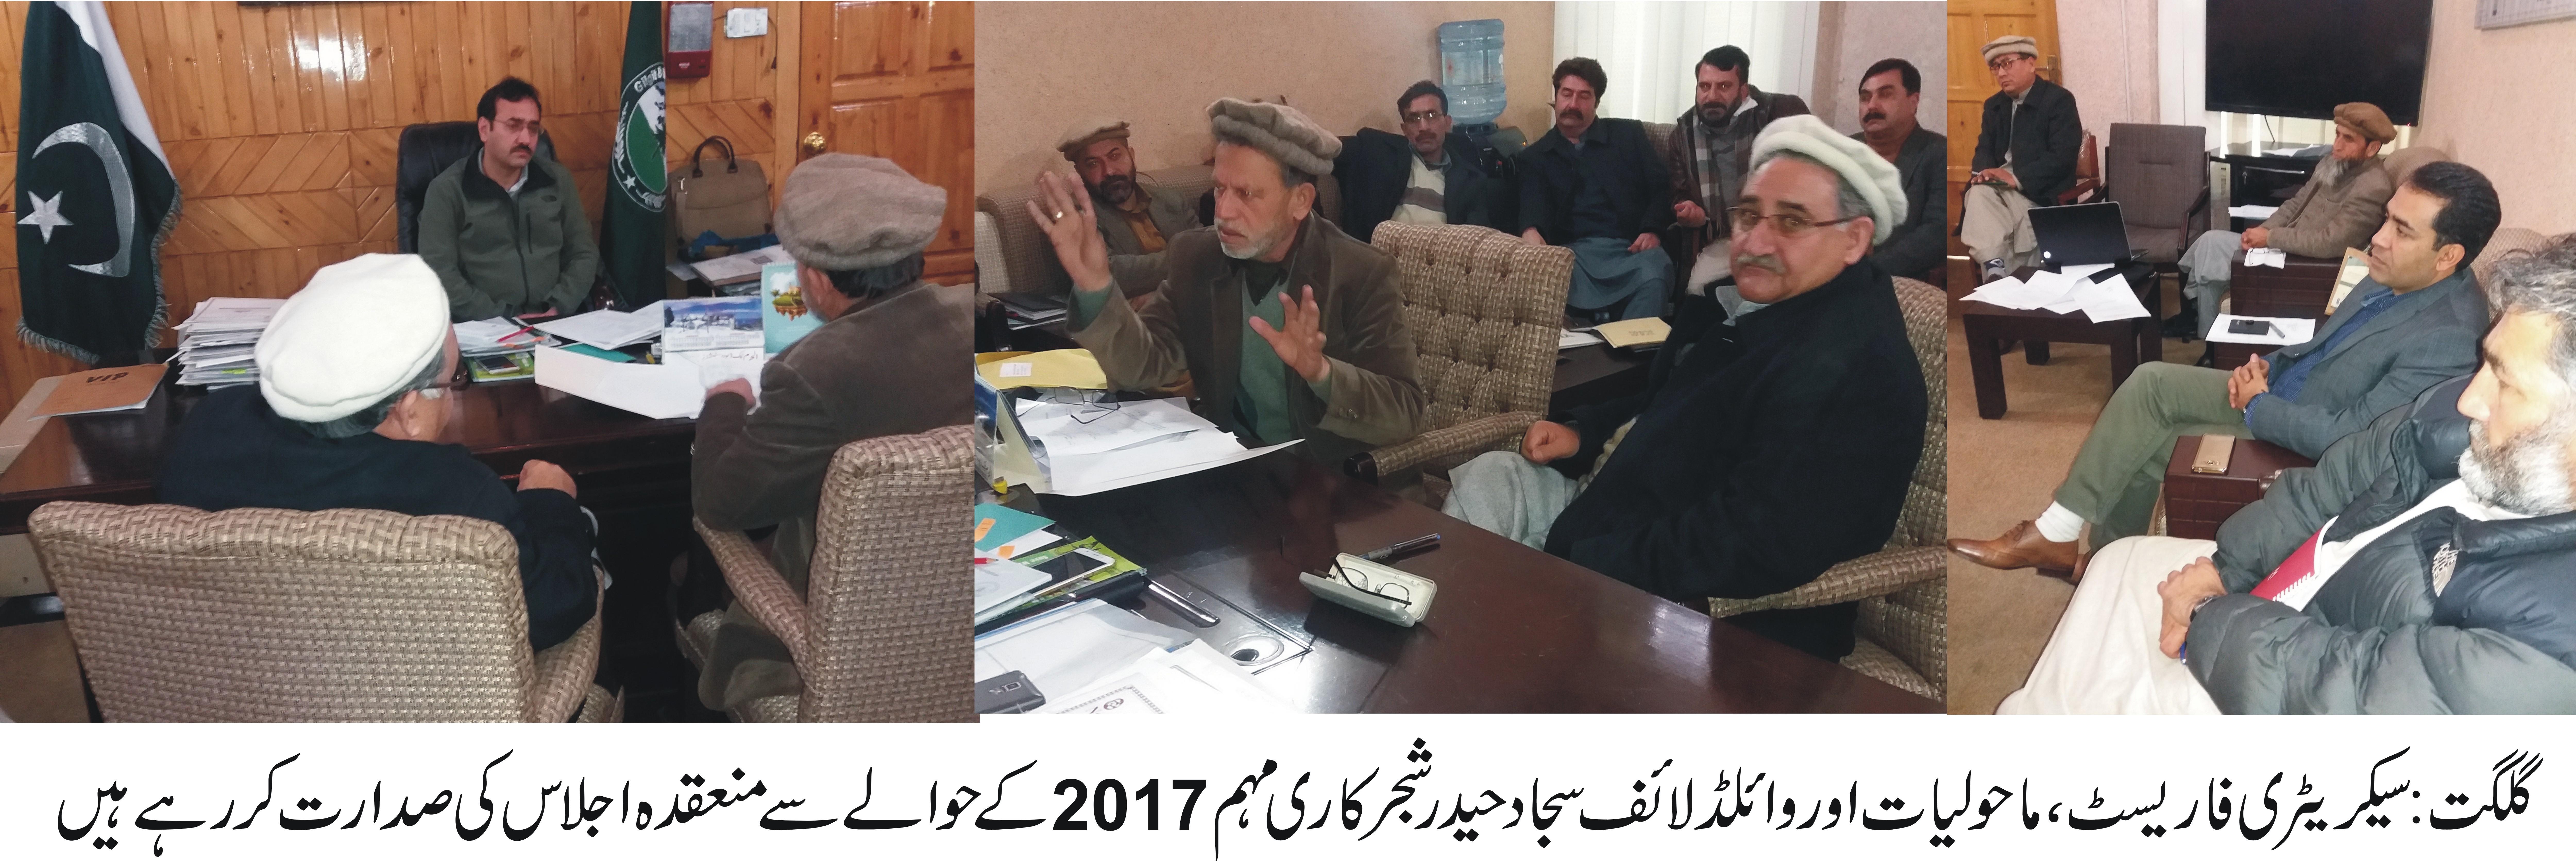 گلگت : شجر کاری مہم 2017کے حوا لے سے اہم اجلاس منعقد ہوا